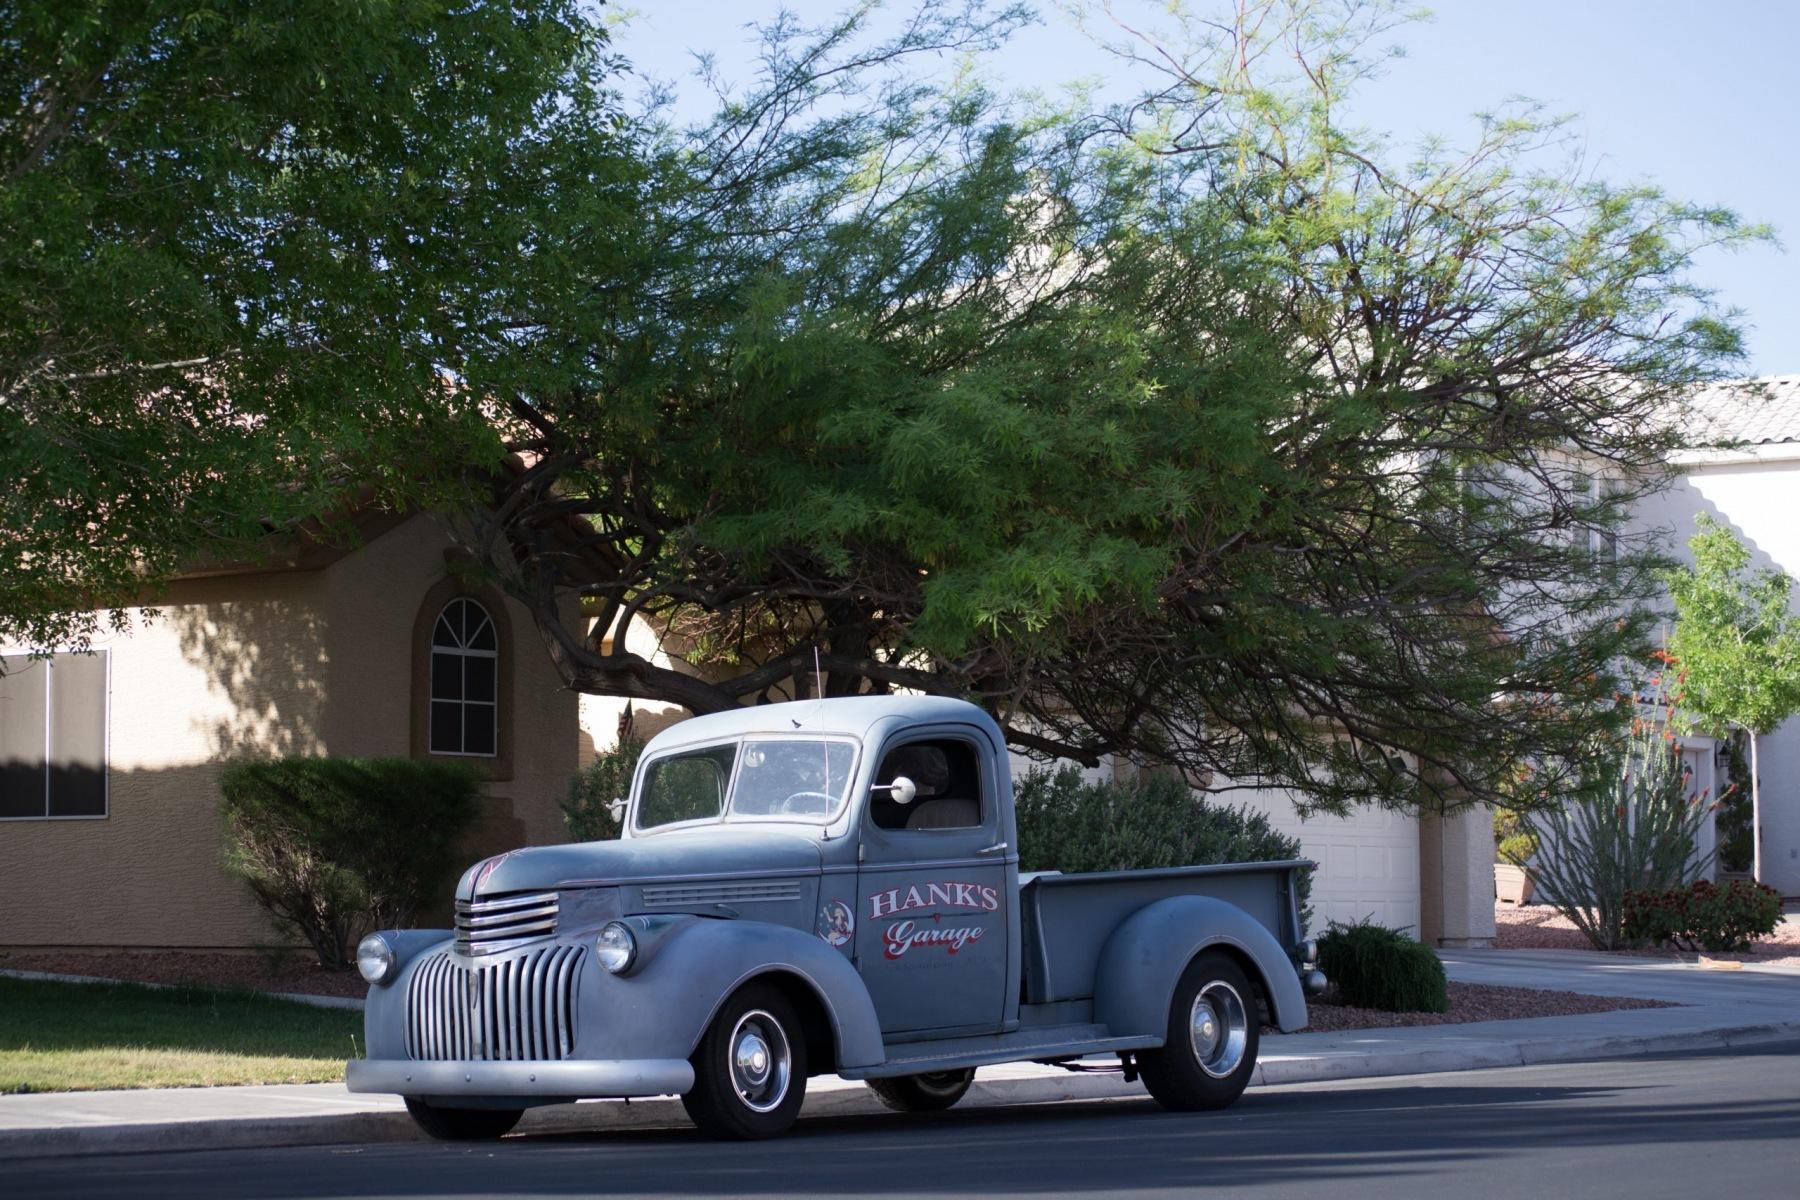 Hank's Truck